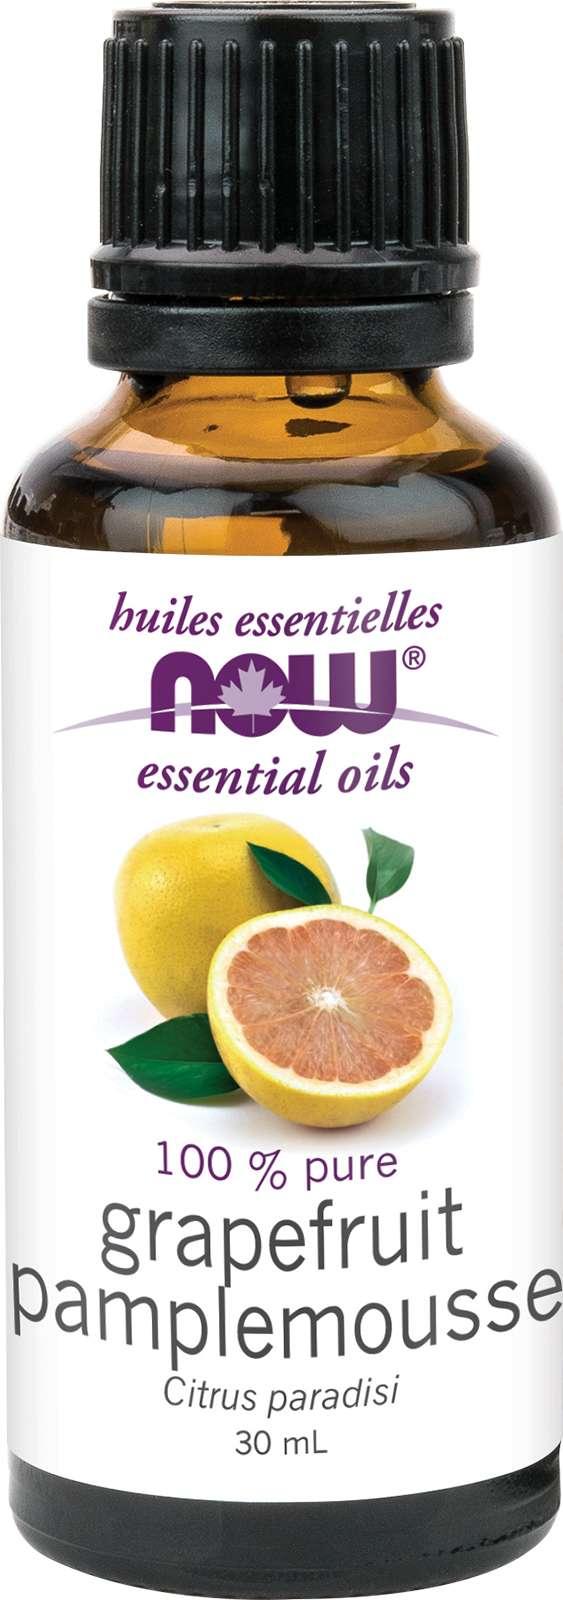 Grapefruit Oil (Citrus paradisi) 30mL